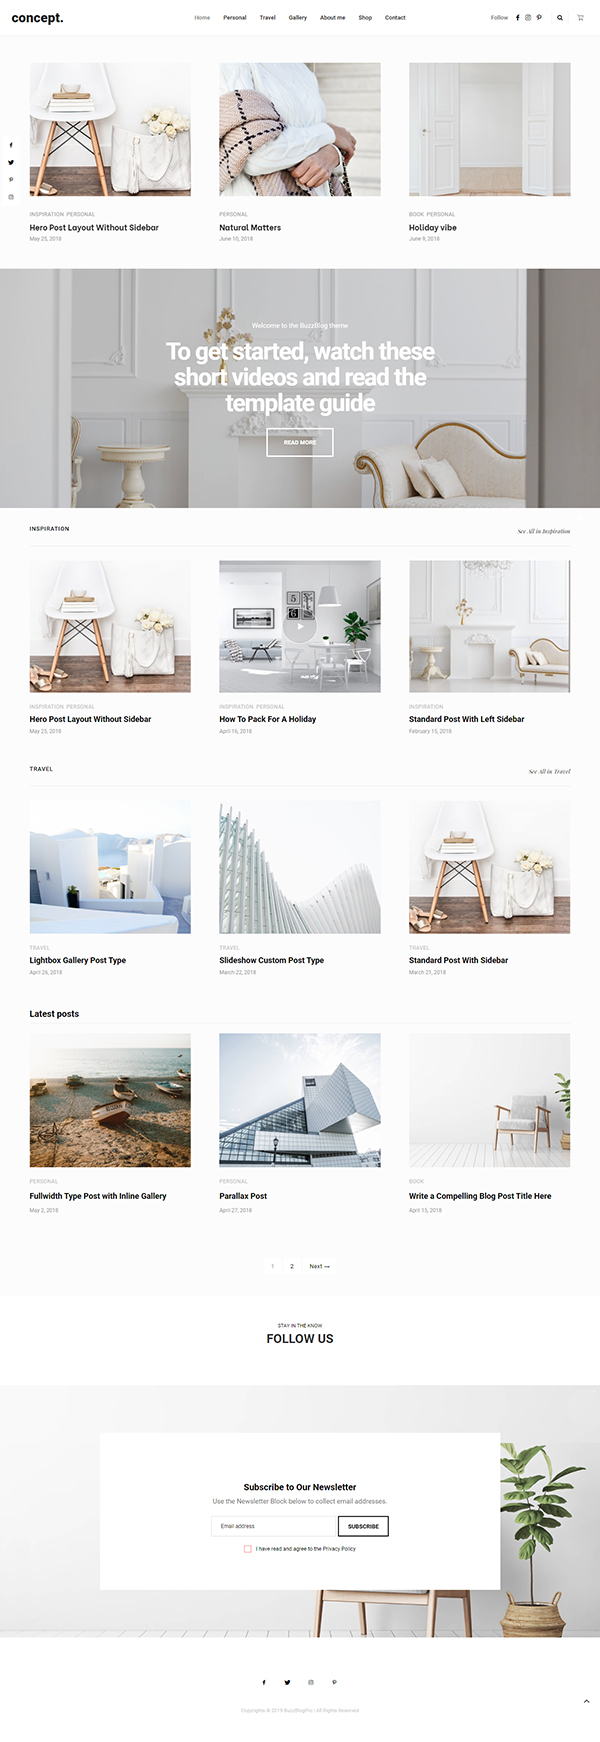 Buzz - Lifestyle Blog & Magazine WordPress Theme